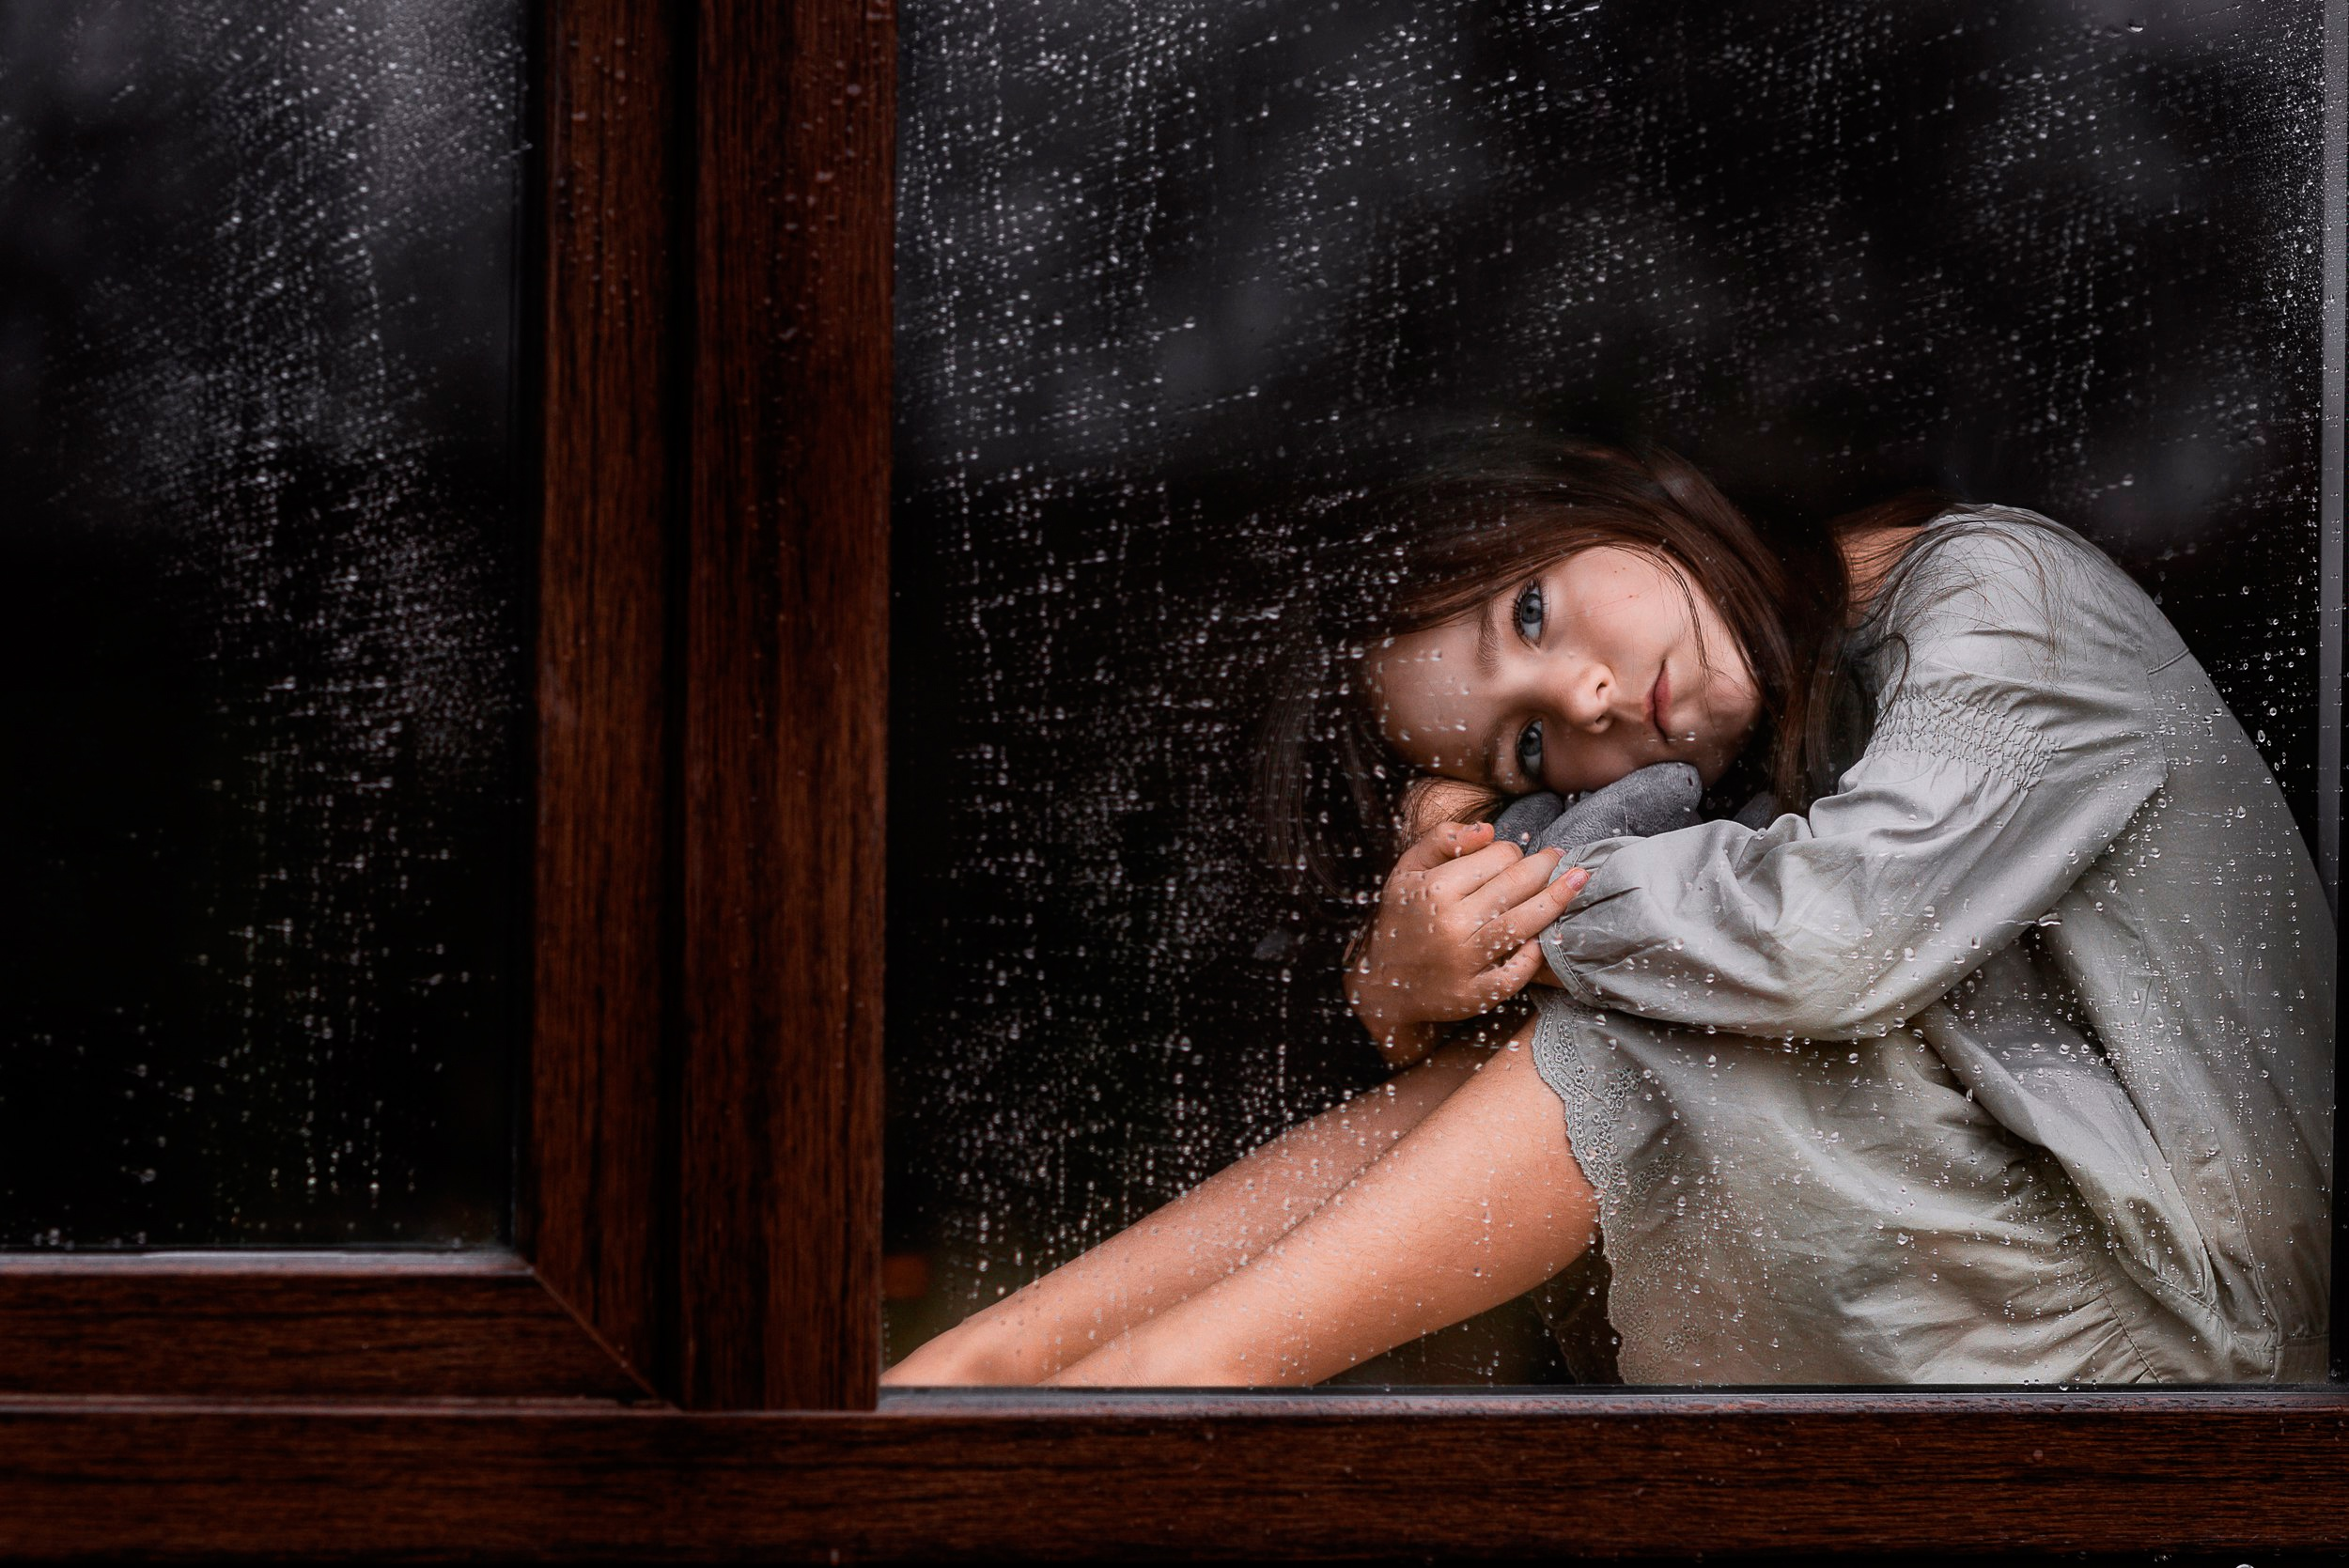 свадебные картинки дождь за окном грусть сожалению